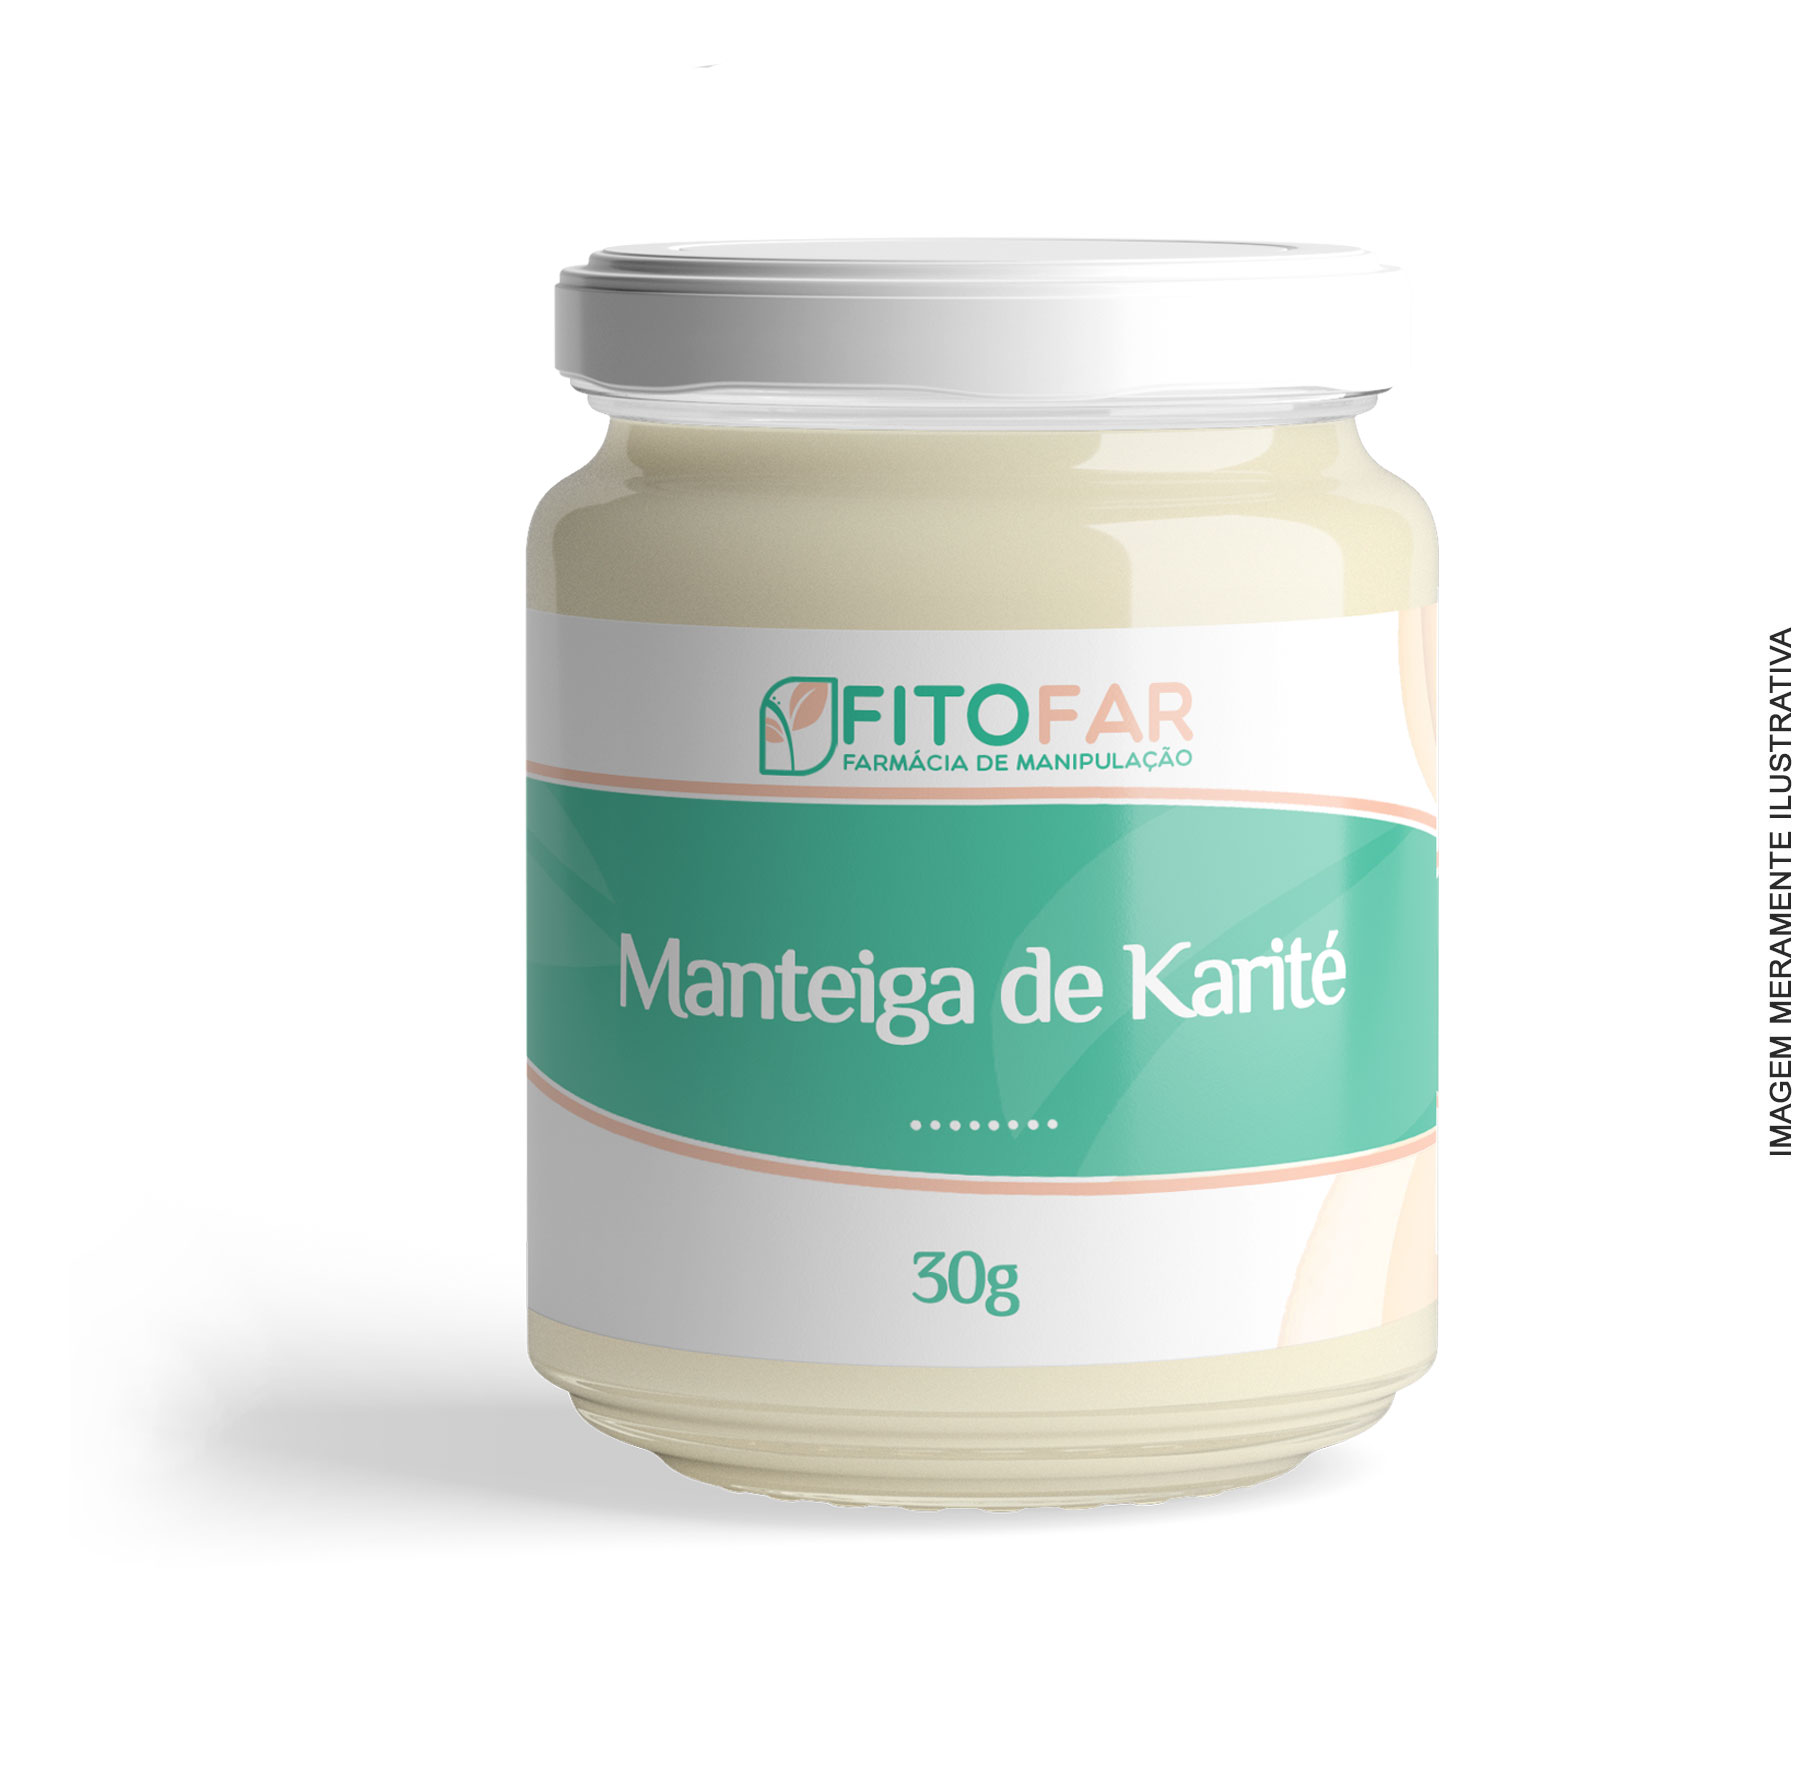 Manteiga de Karite - 30g